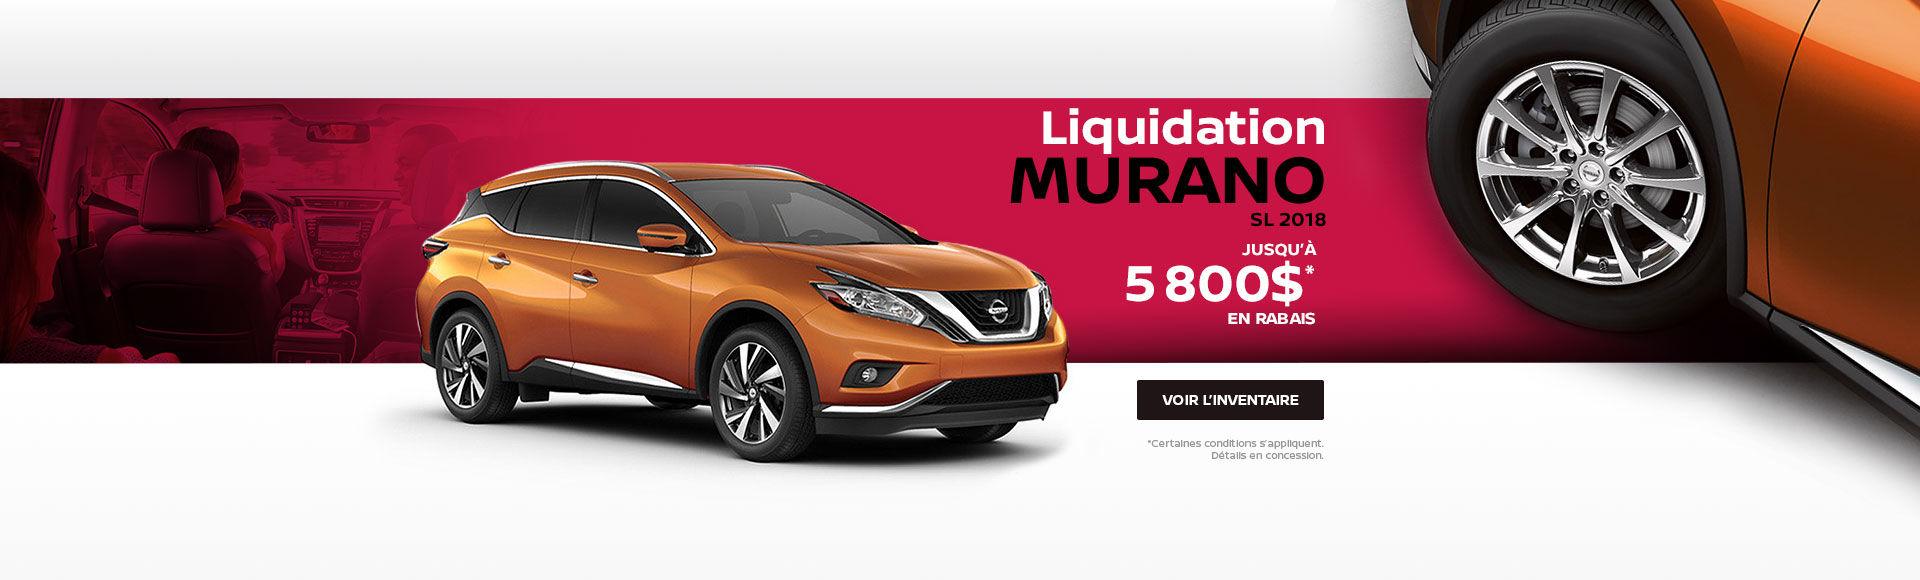 Liquidation Murano 2018